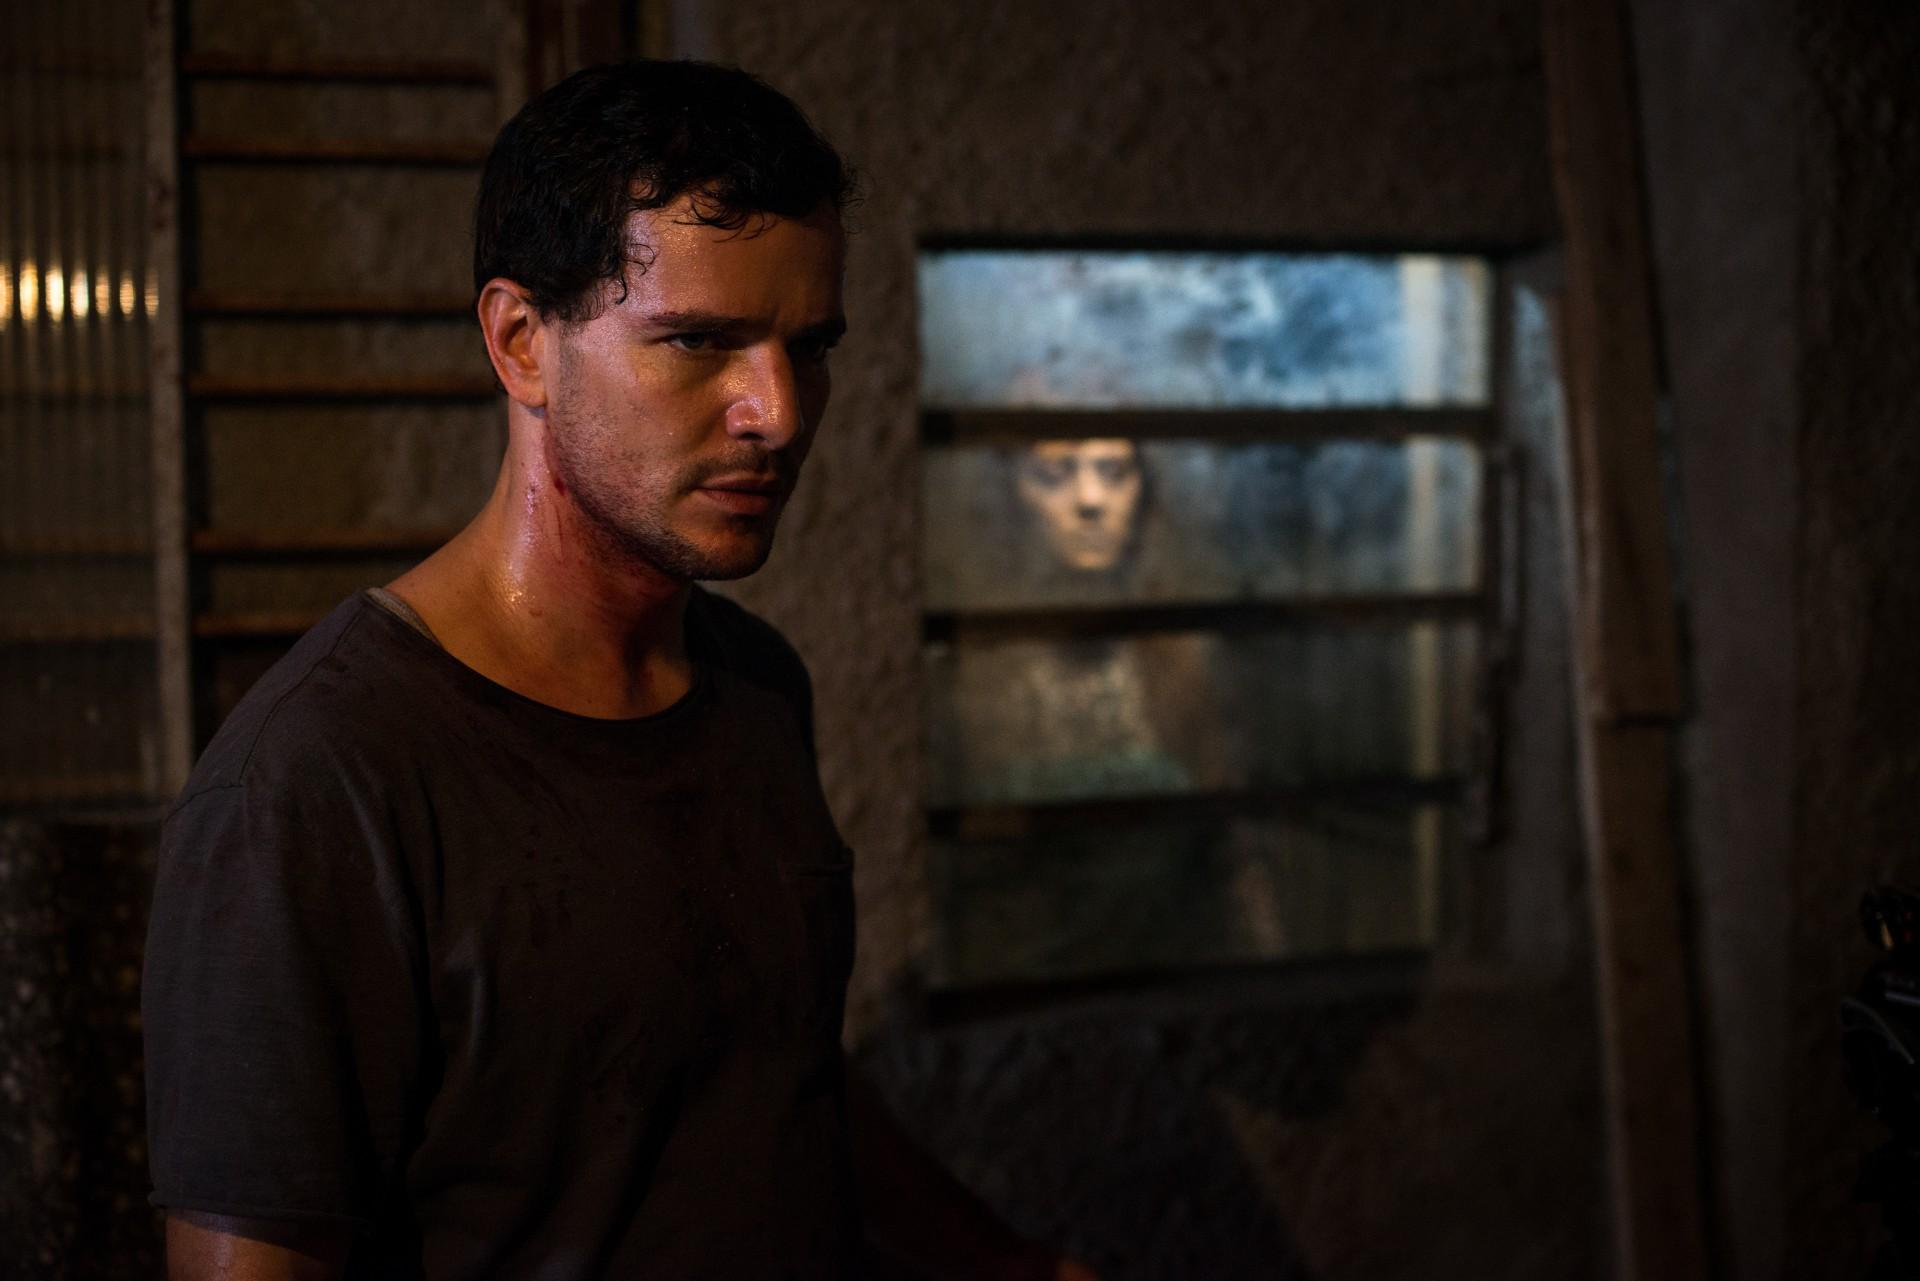 Morto Não Fala (2019), dirigido por Dennison Ramalho